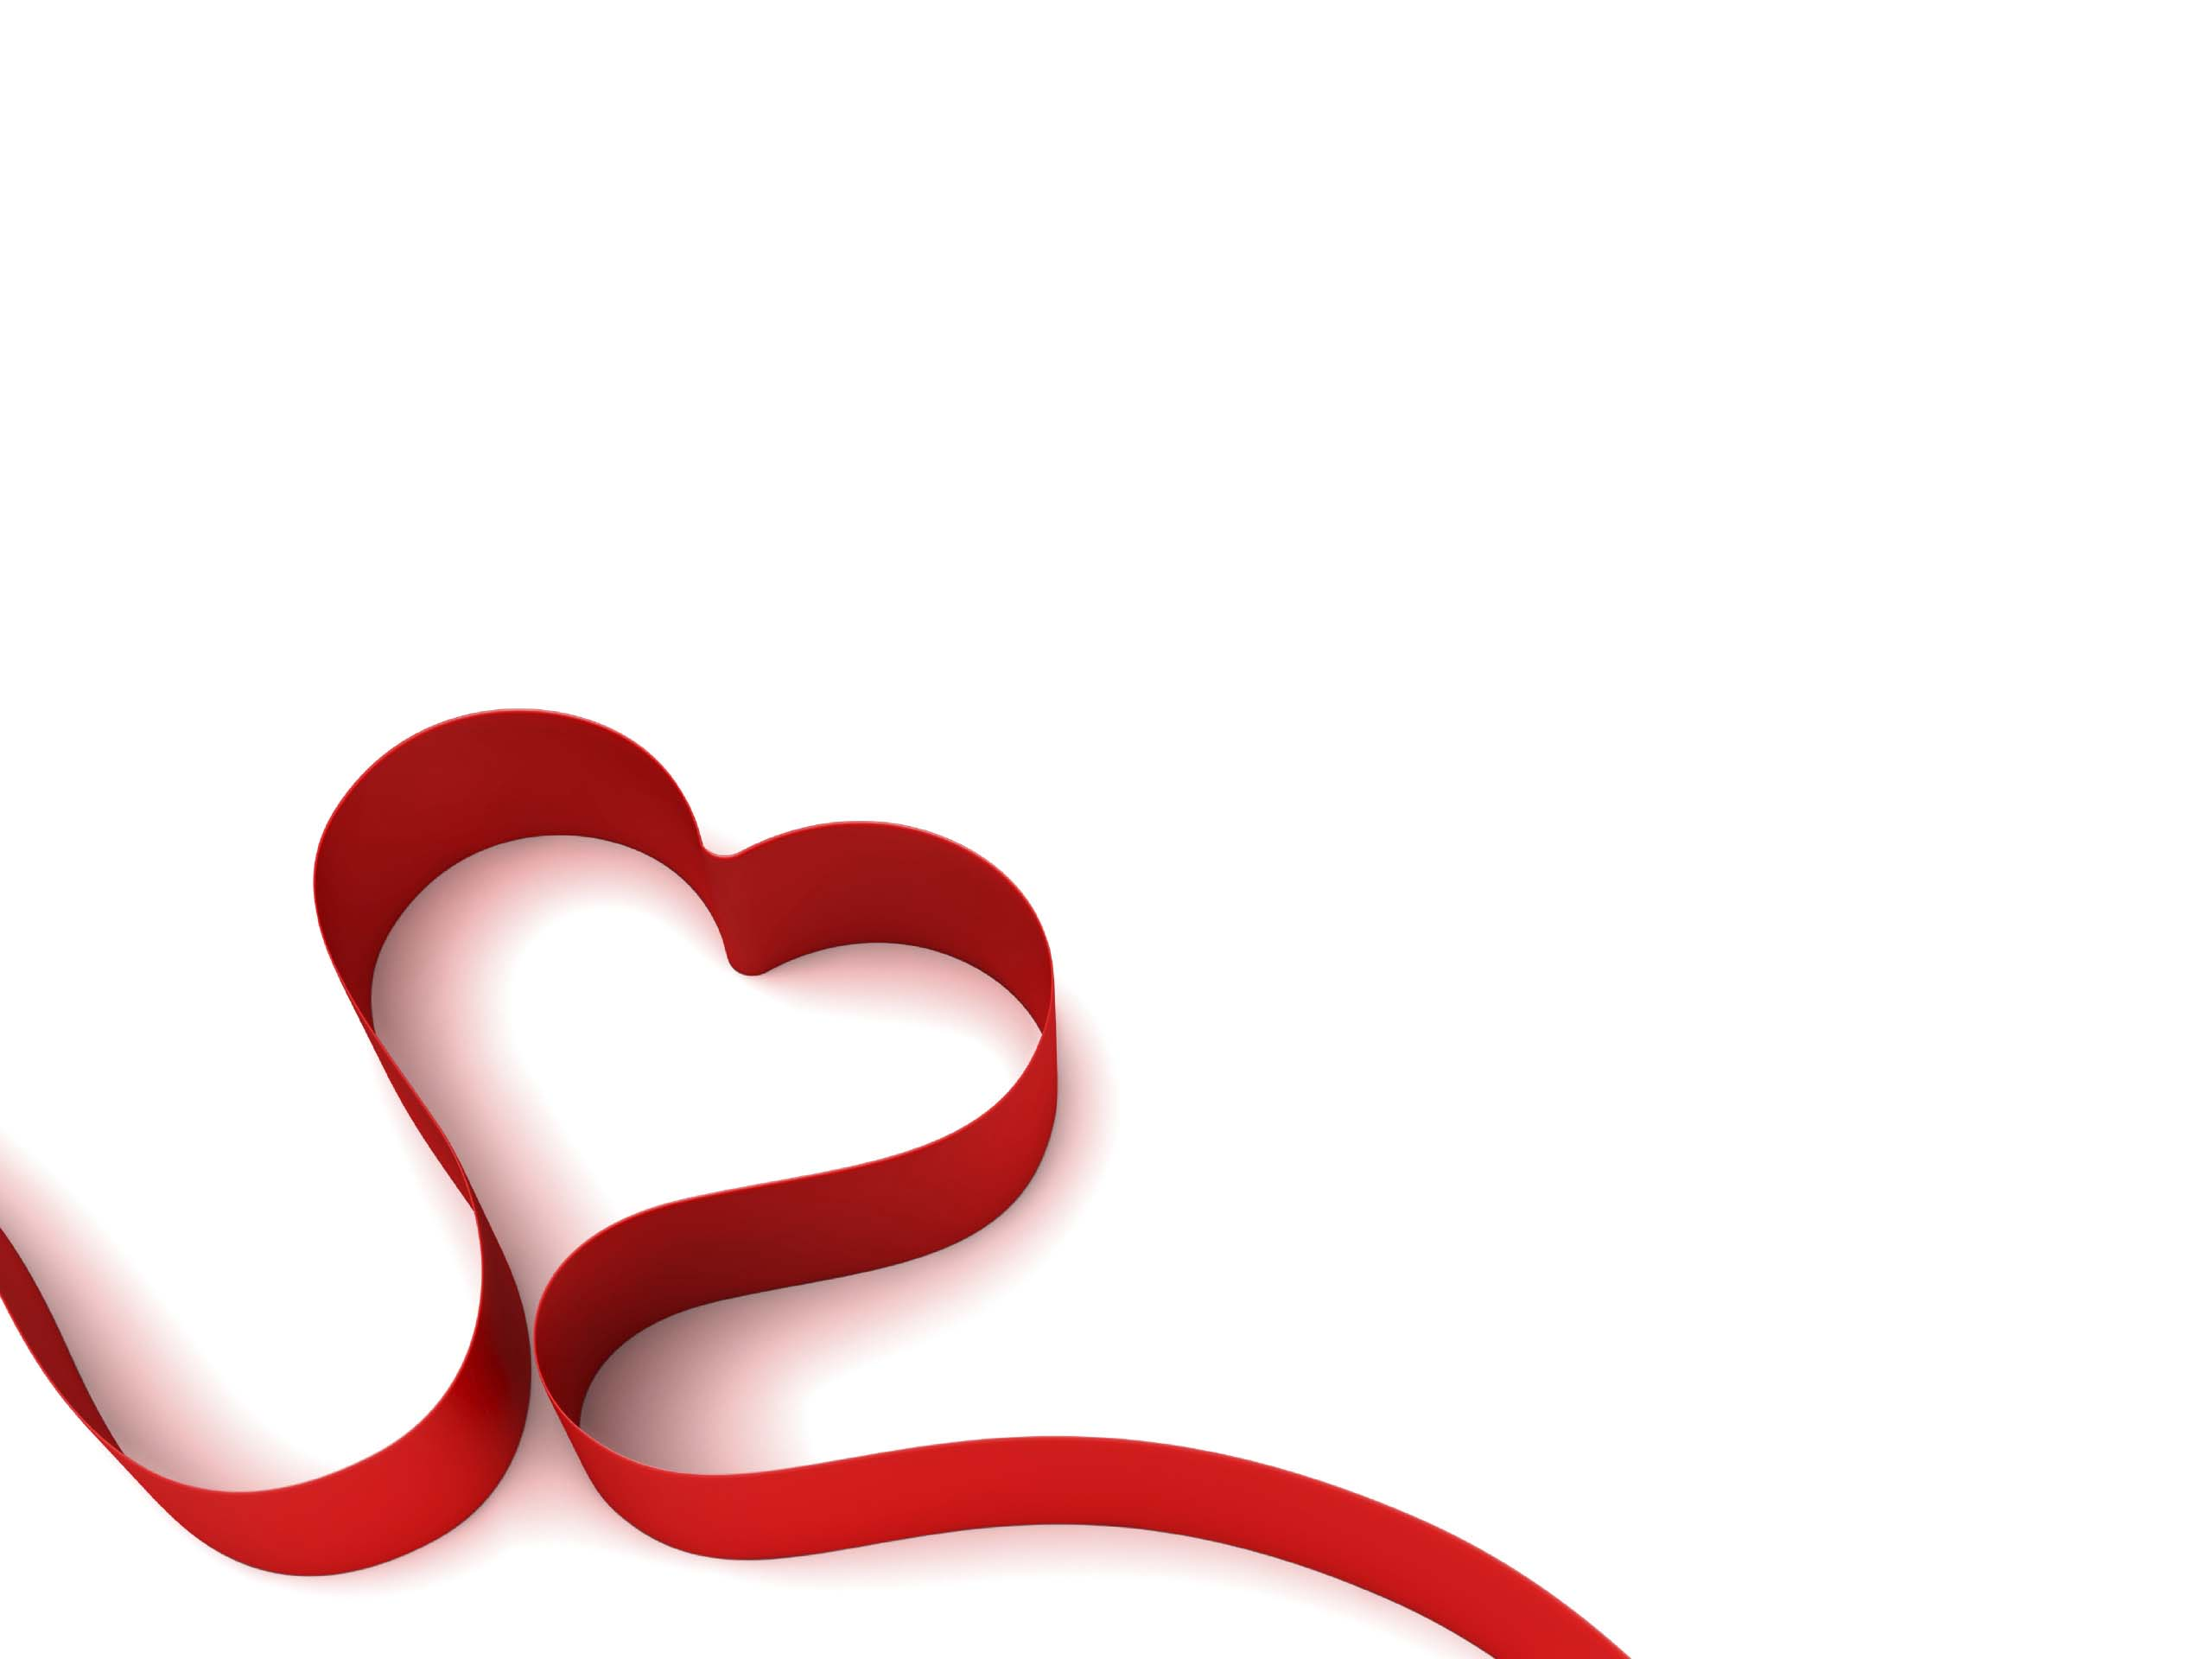 Hình nền trắng trái tim